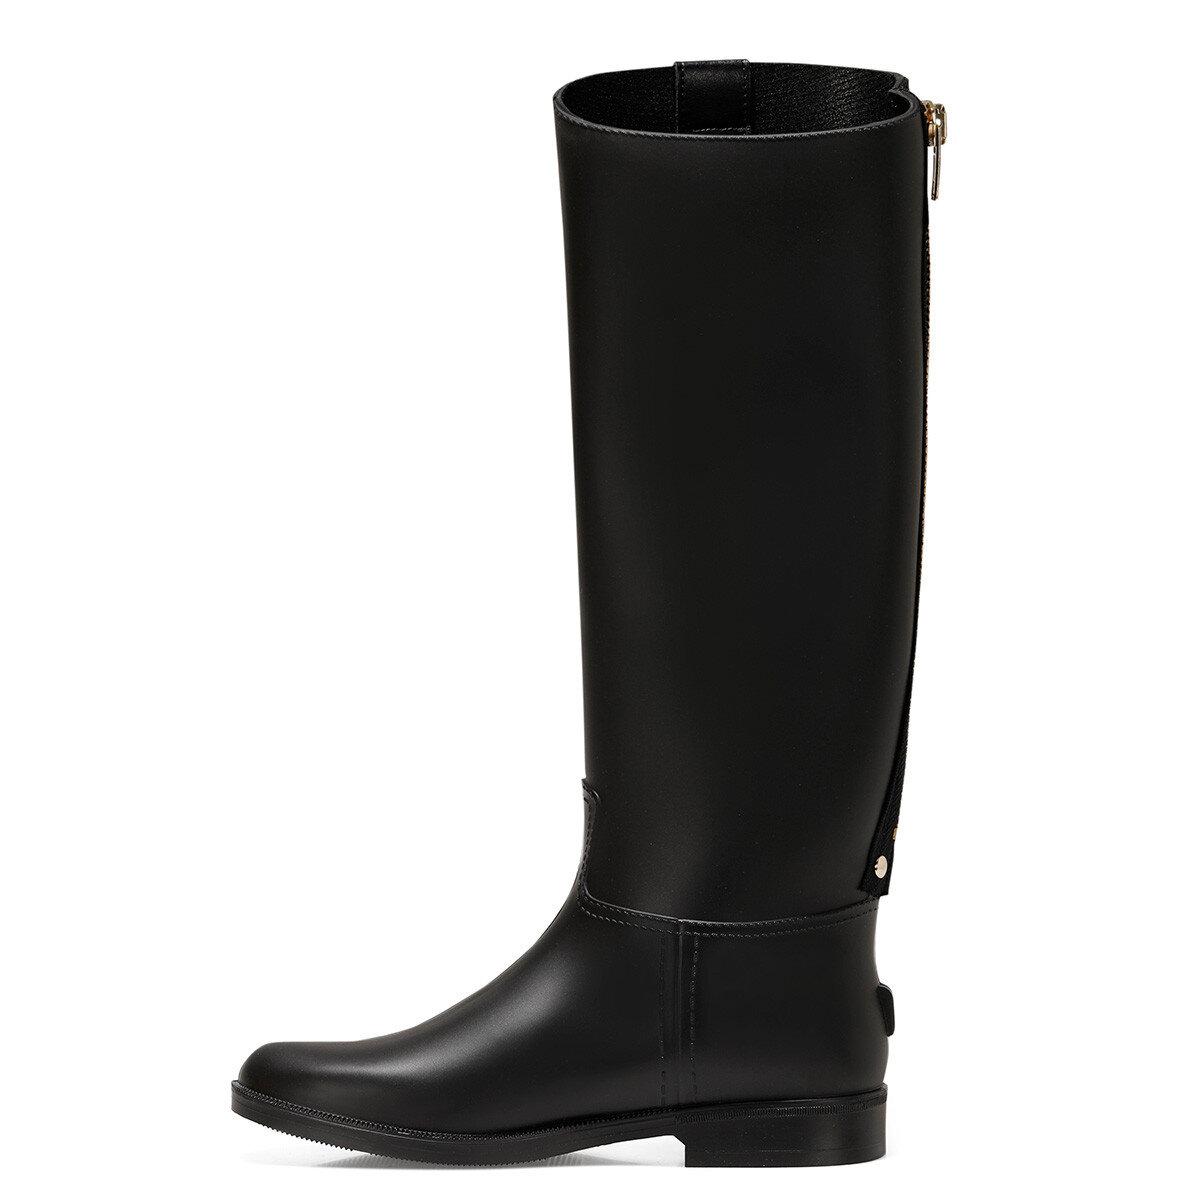 SOLE Siyah Kadın Yağmur Çizmesi